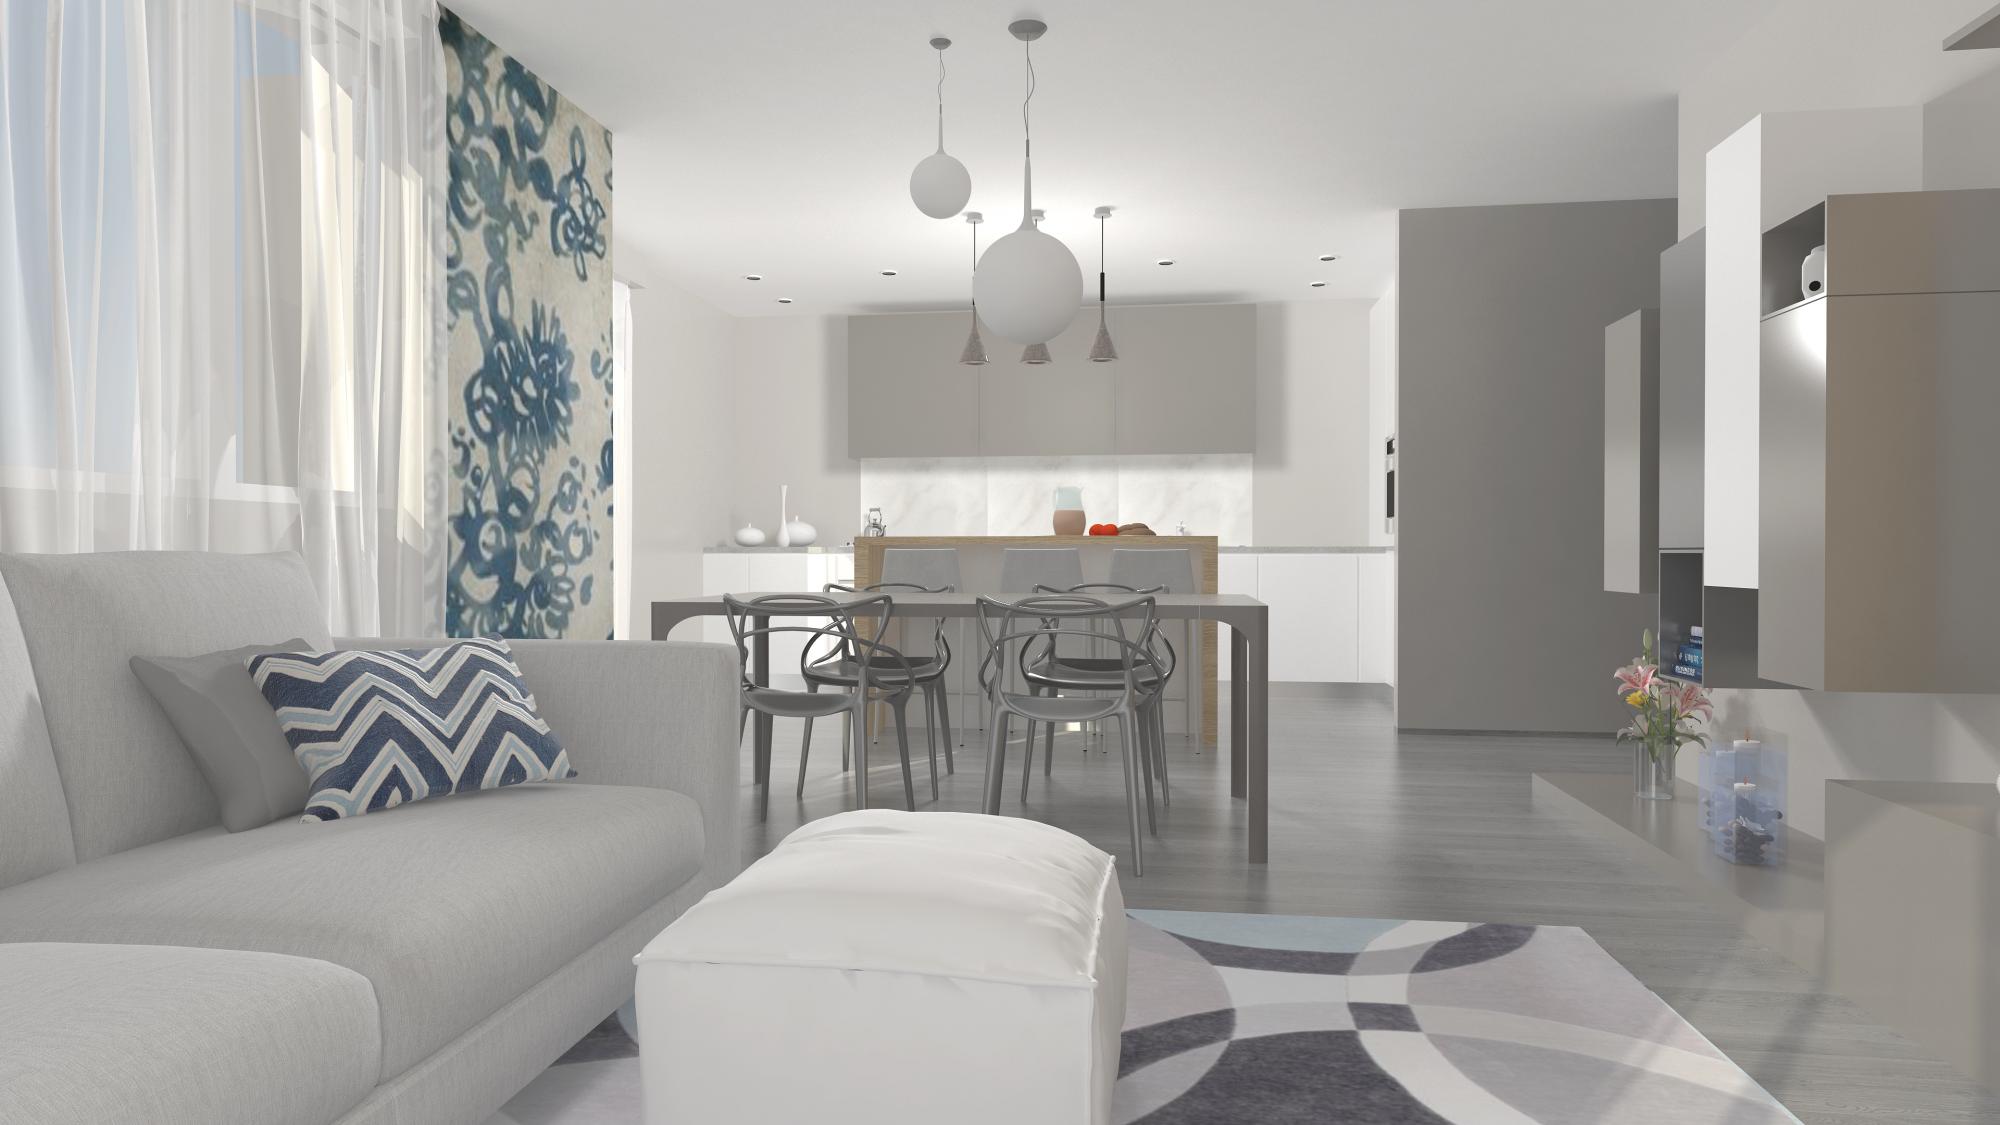 Villa indipendente per una giovane famiglia easyrelooking - Salone e cucina insieme ...